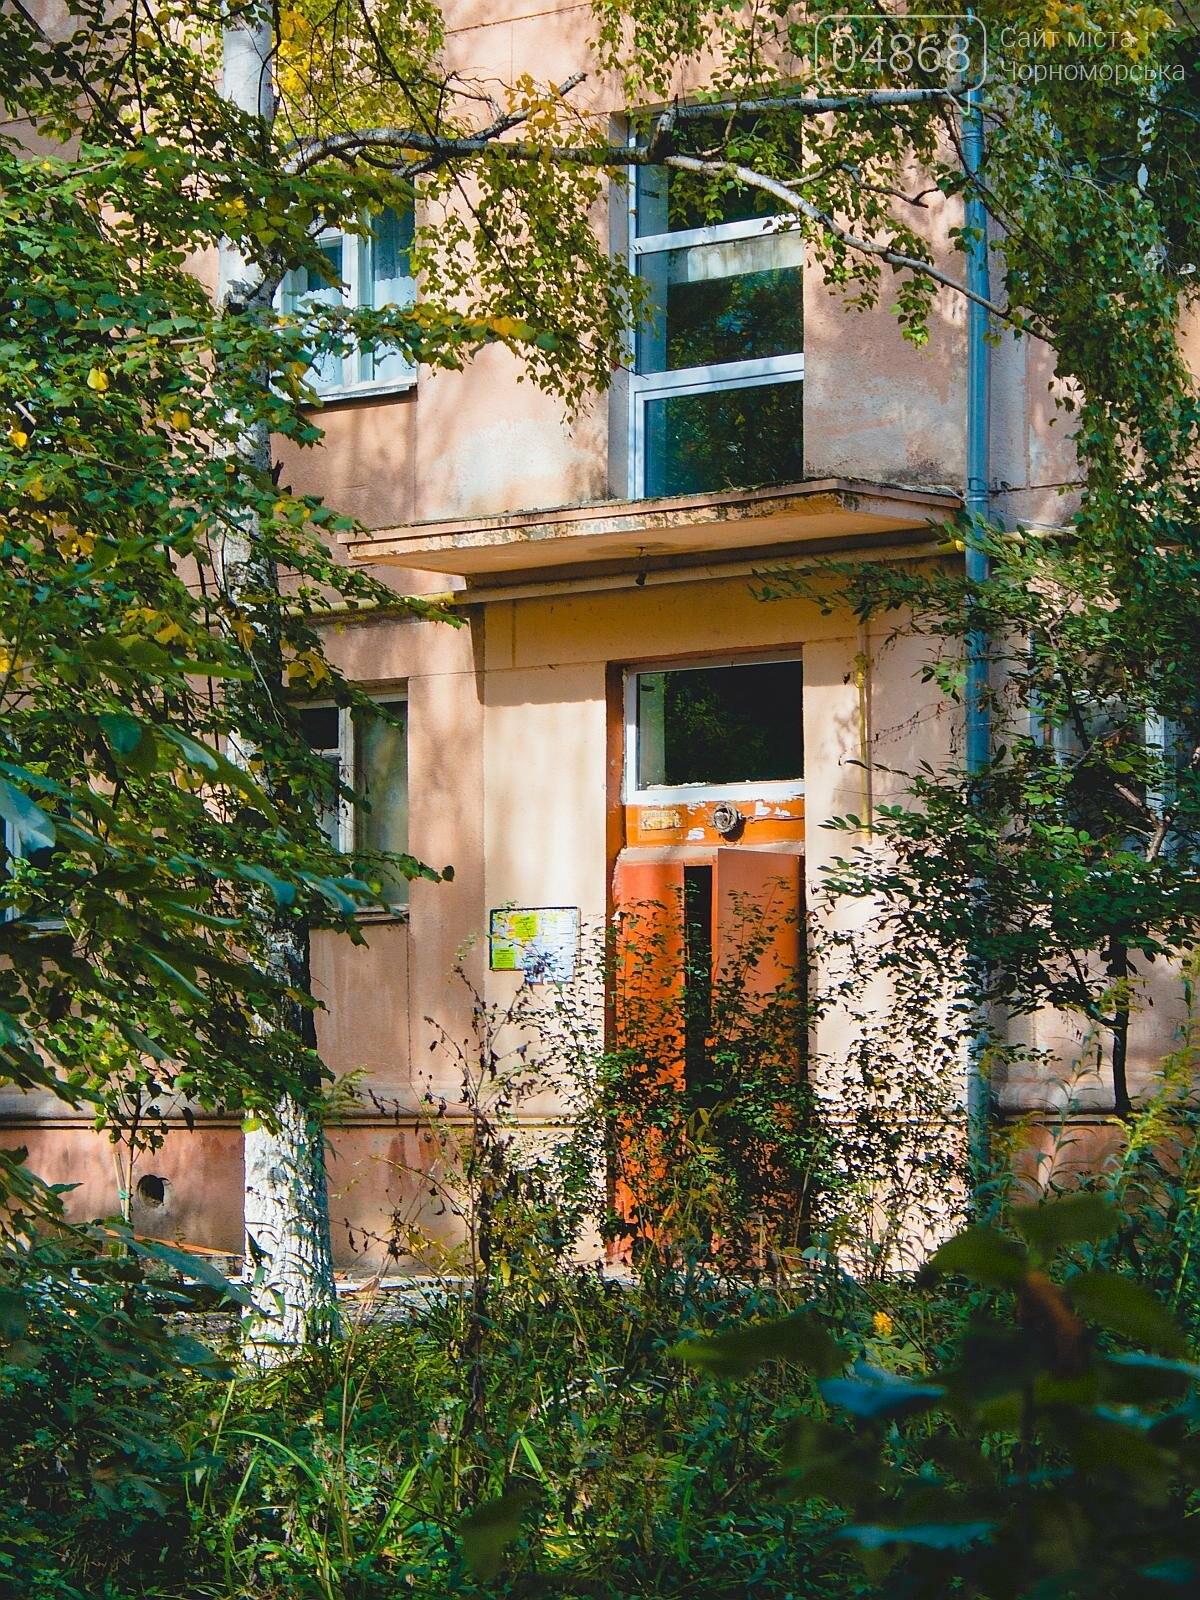 За счёт бюджета Черноморска производится замена окон в подъездах, фото-6